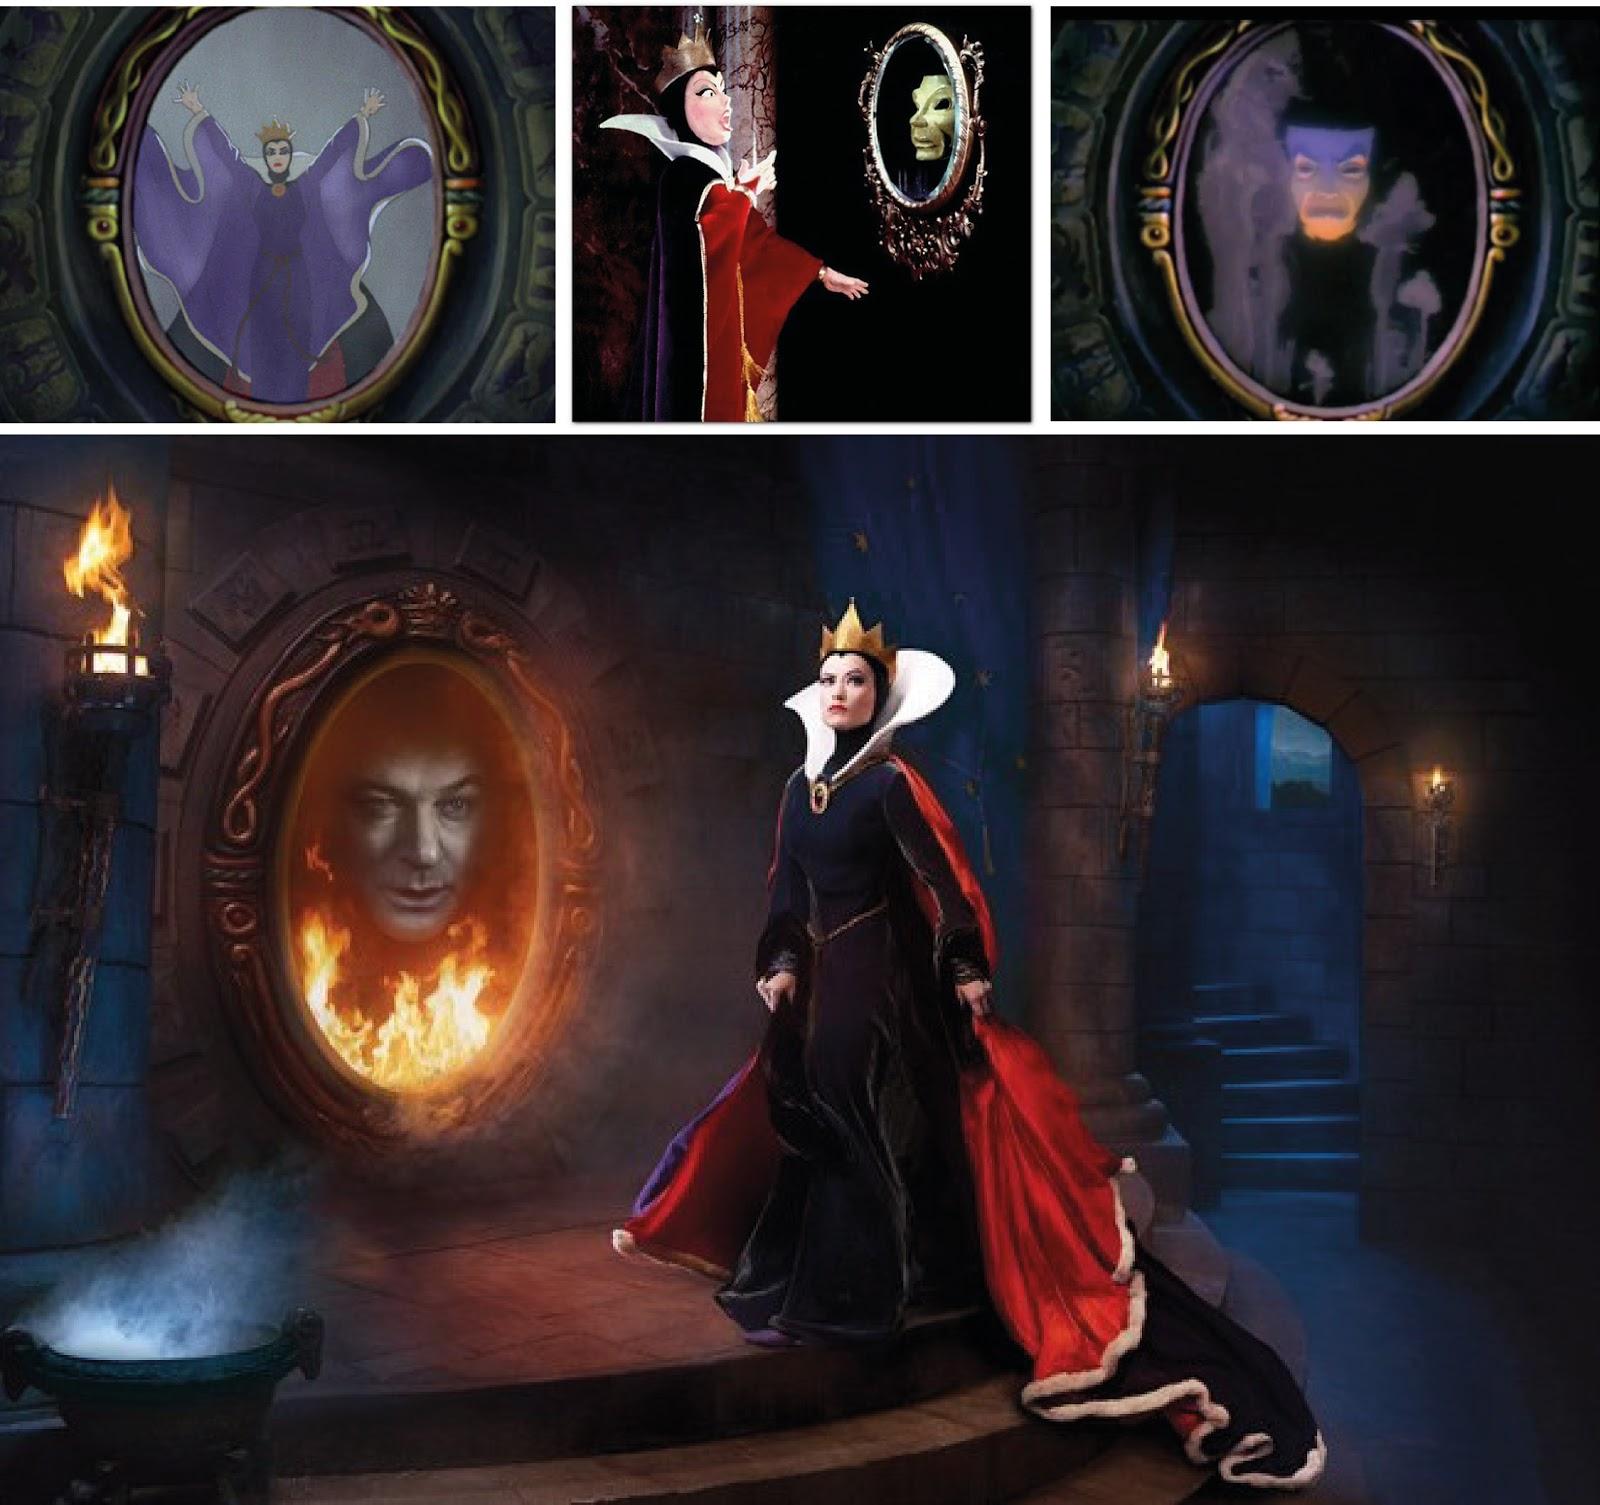 I racconti della cosa lo specchio magico - Prendi lo specchio magico ...